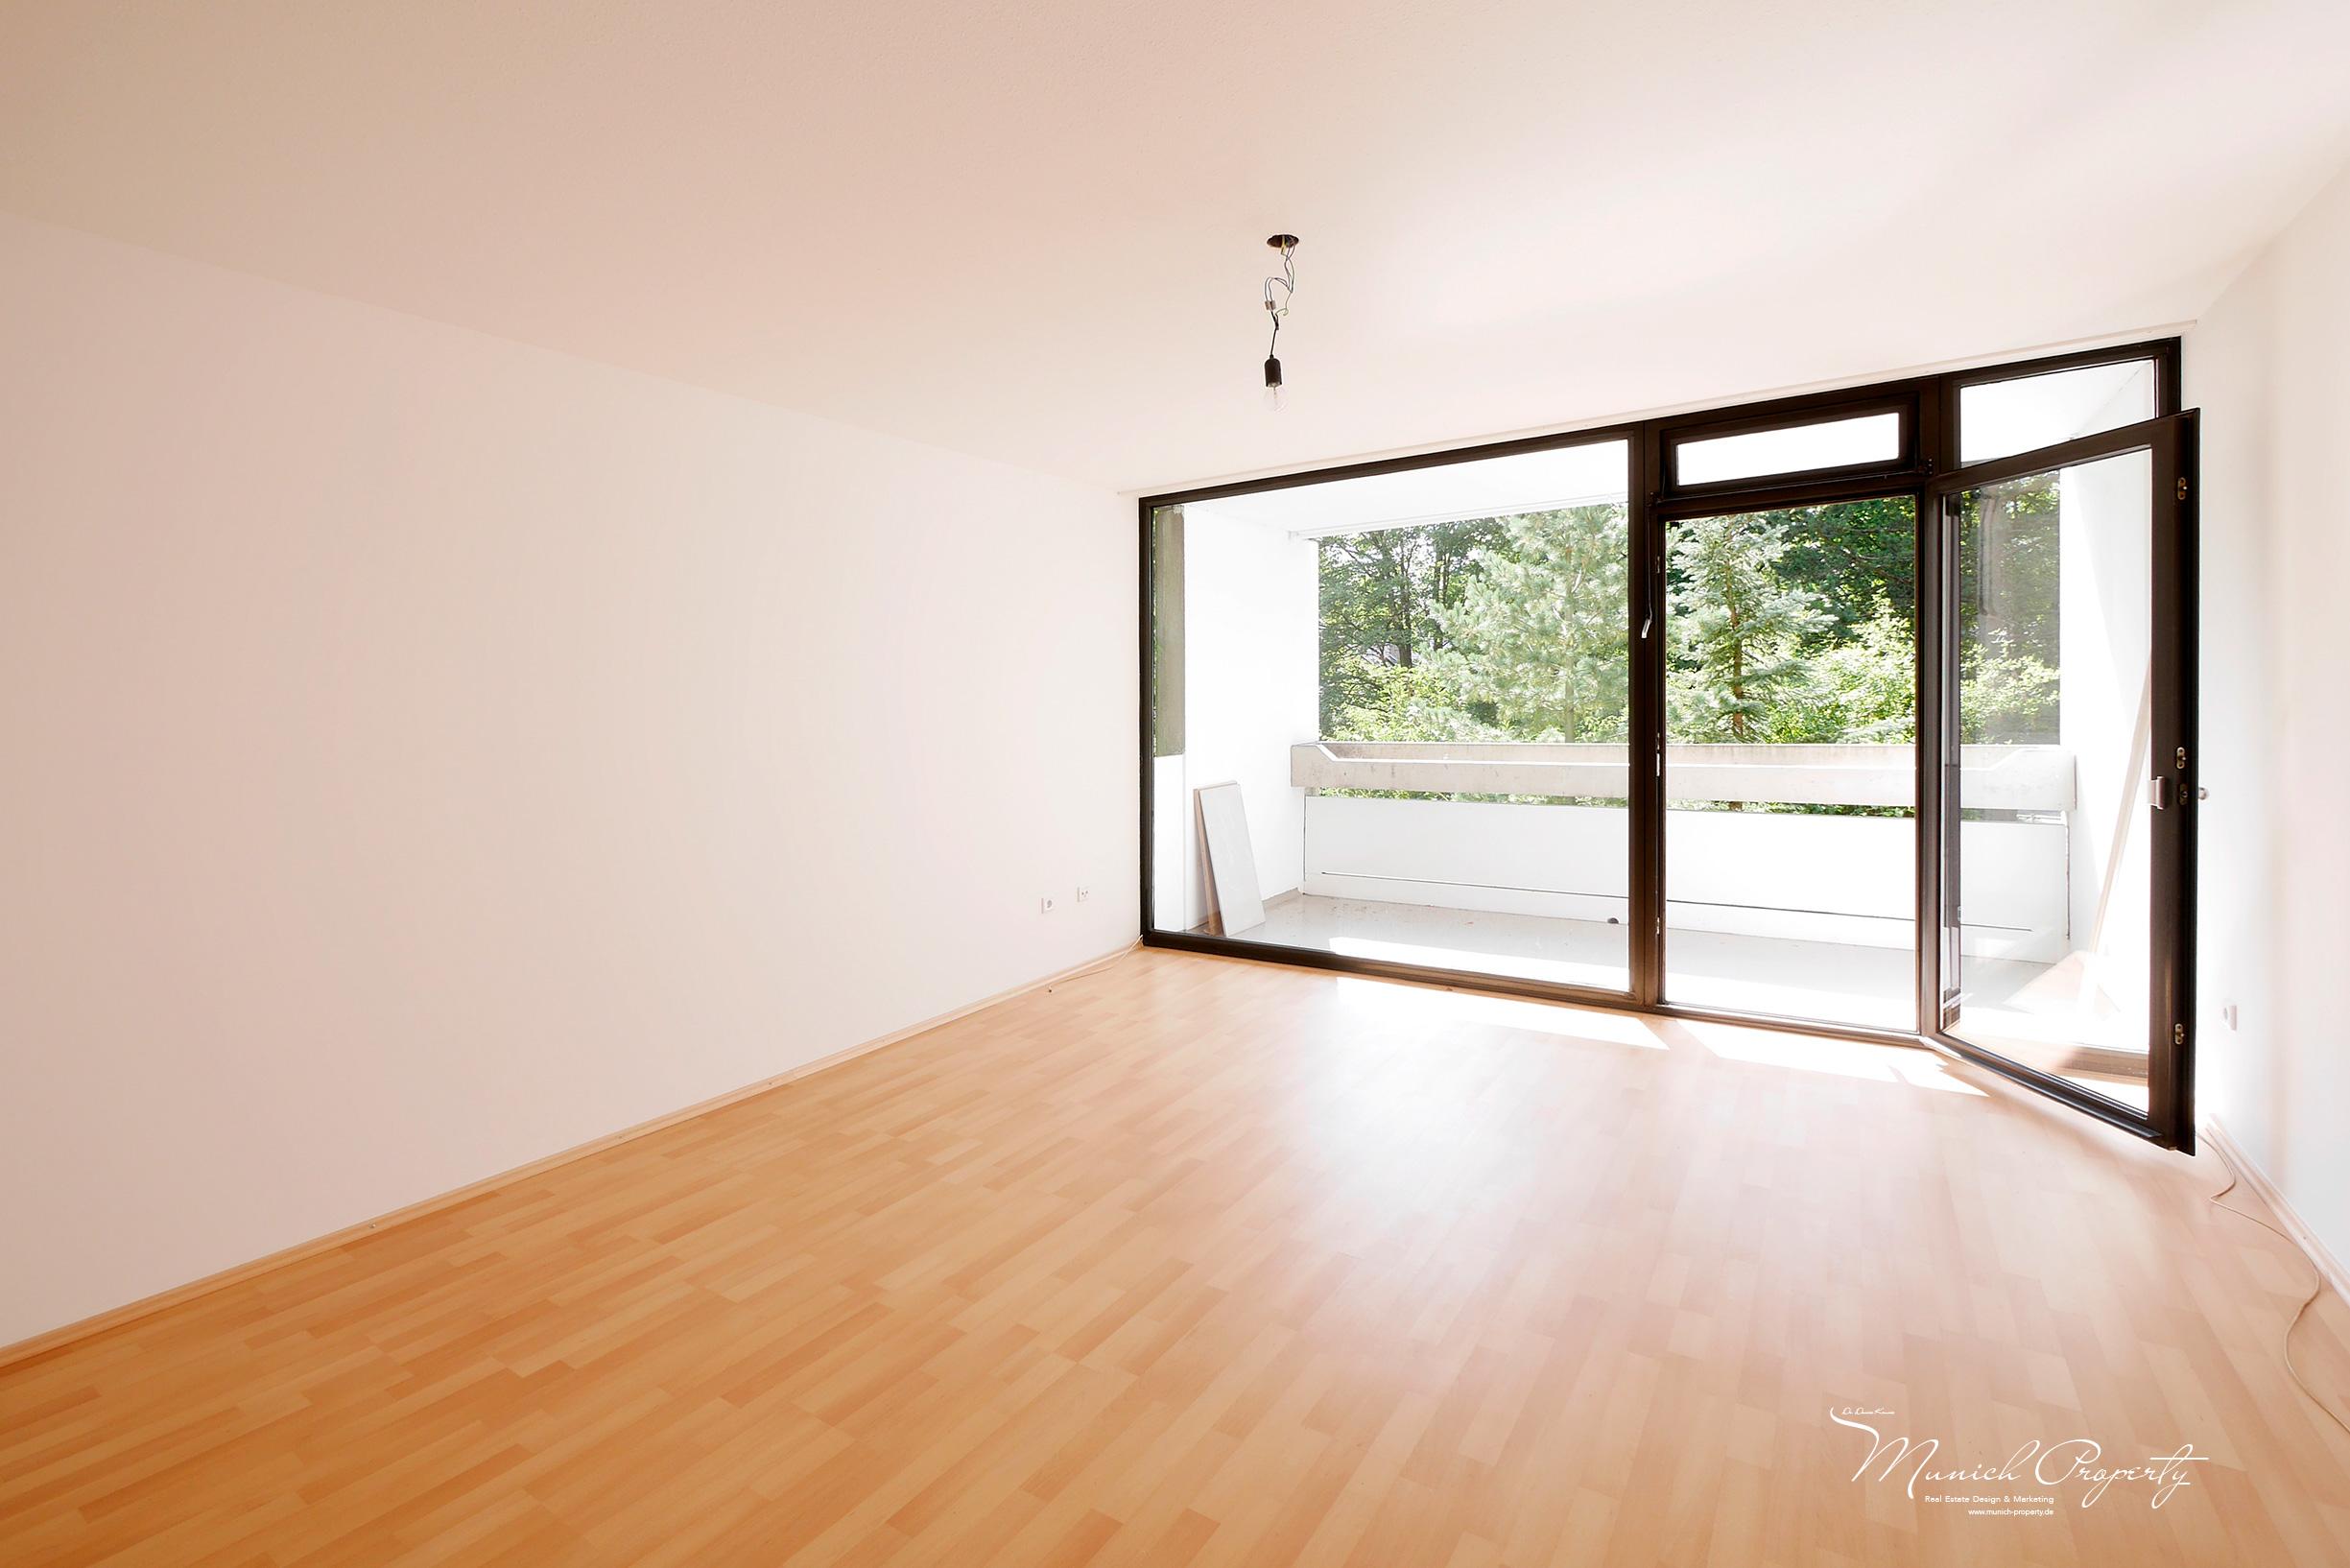 Wohnung München Bogenhausen Fideliopark Knappertsbuschstrasse: Wohnzimmer